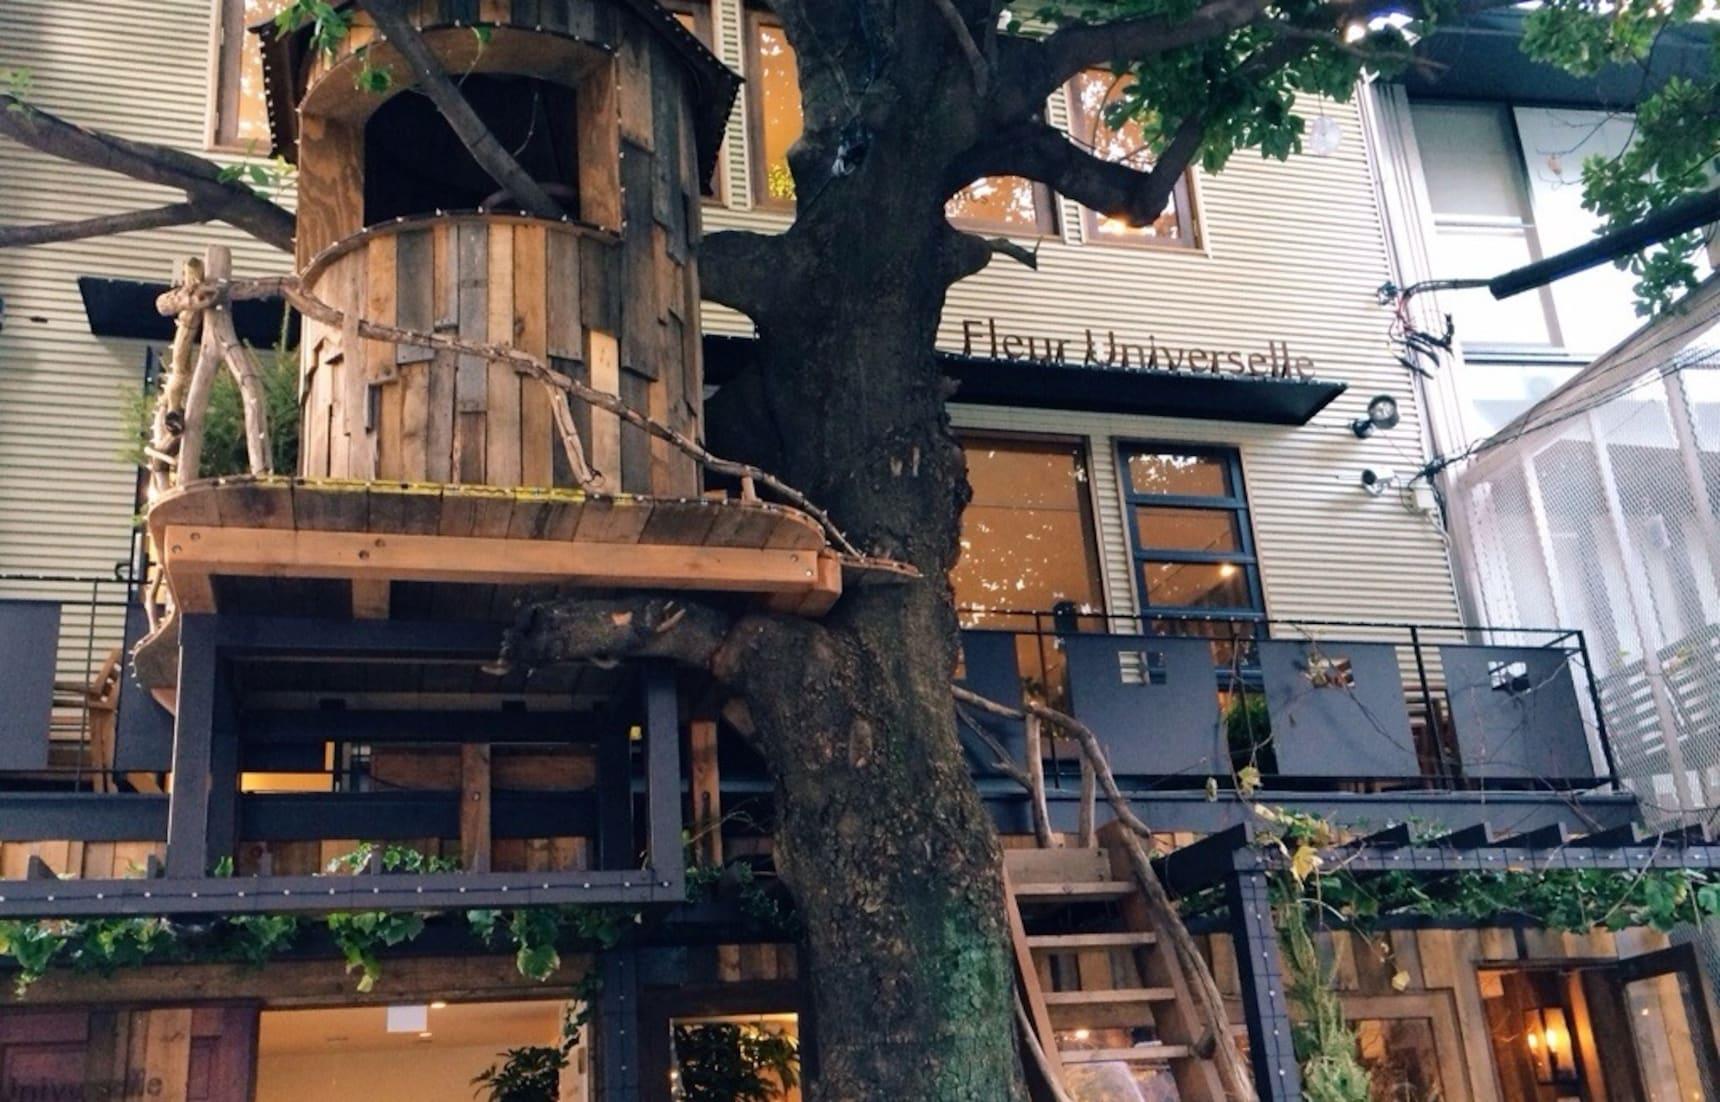 與樹共生的建築空間|廣尾的夢幻樹屋咖啡廳「Les Grands Arbres」